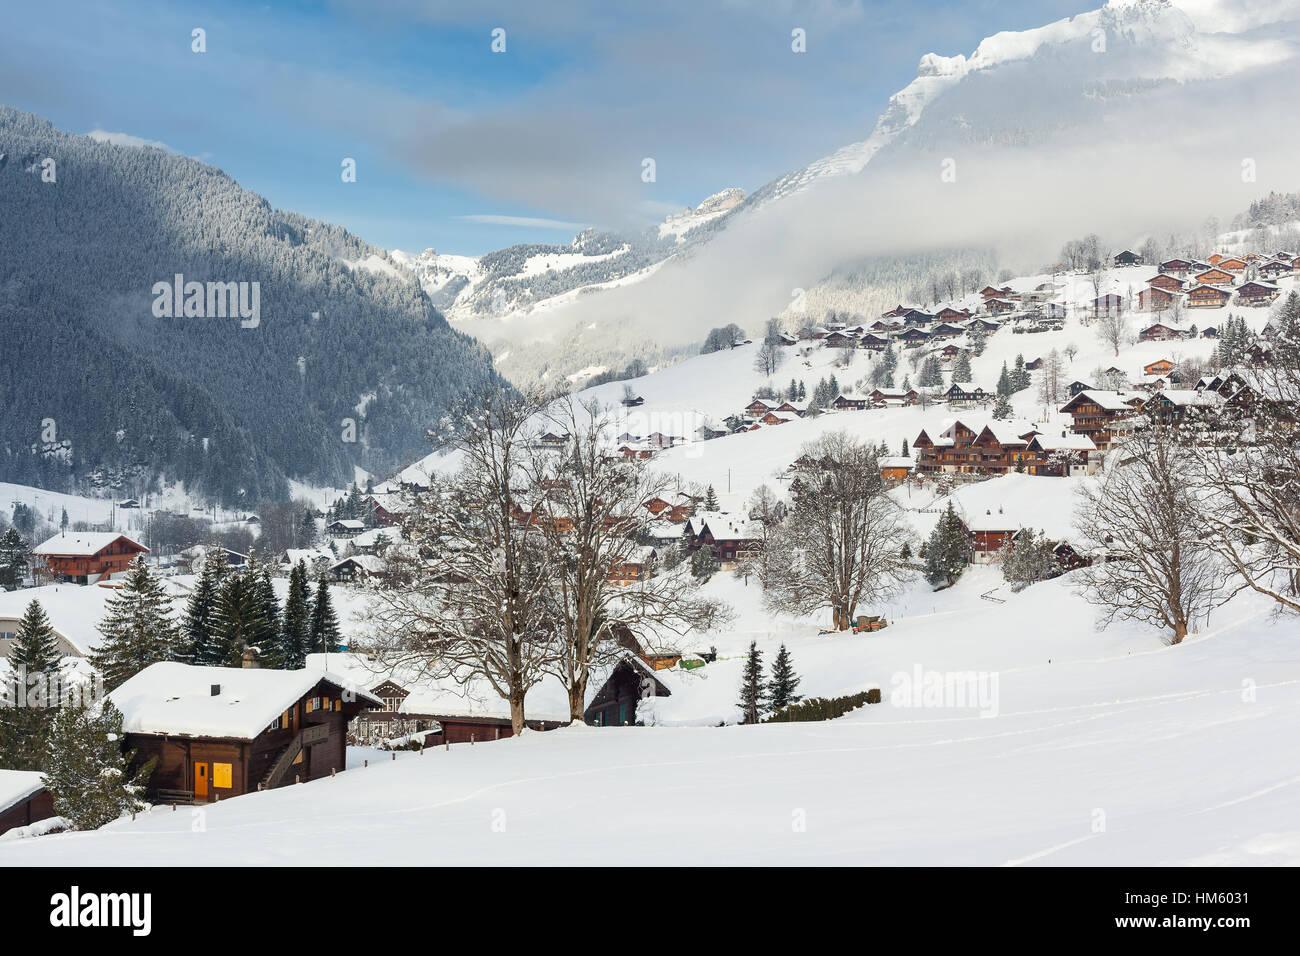 Traditionelle Holzhäuser auf den Bergen in Grindelwald, Schweiz. Stockbild